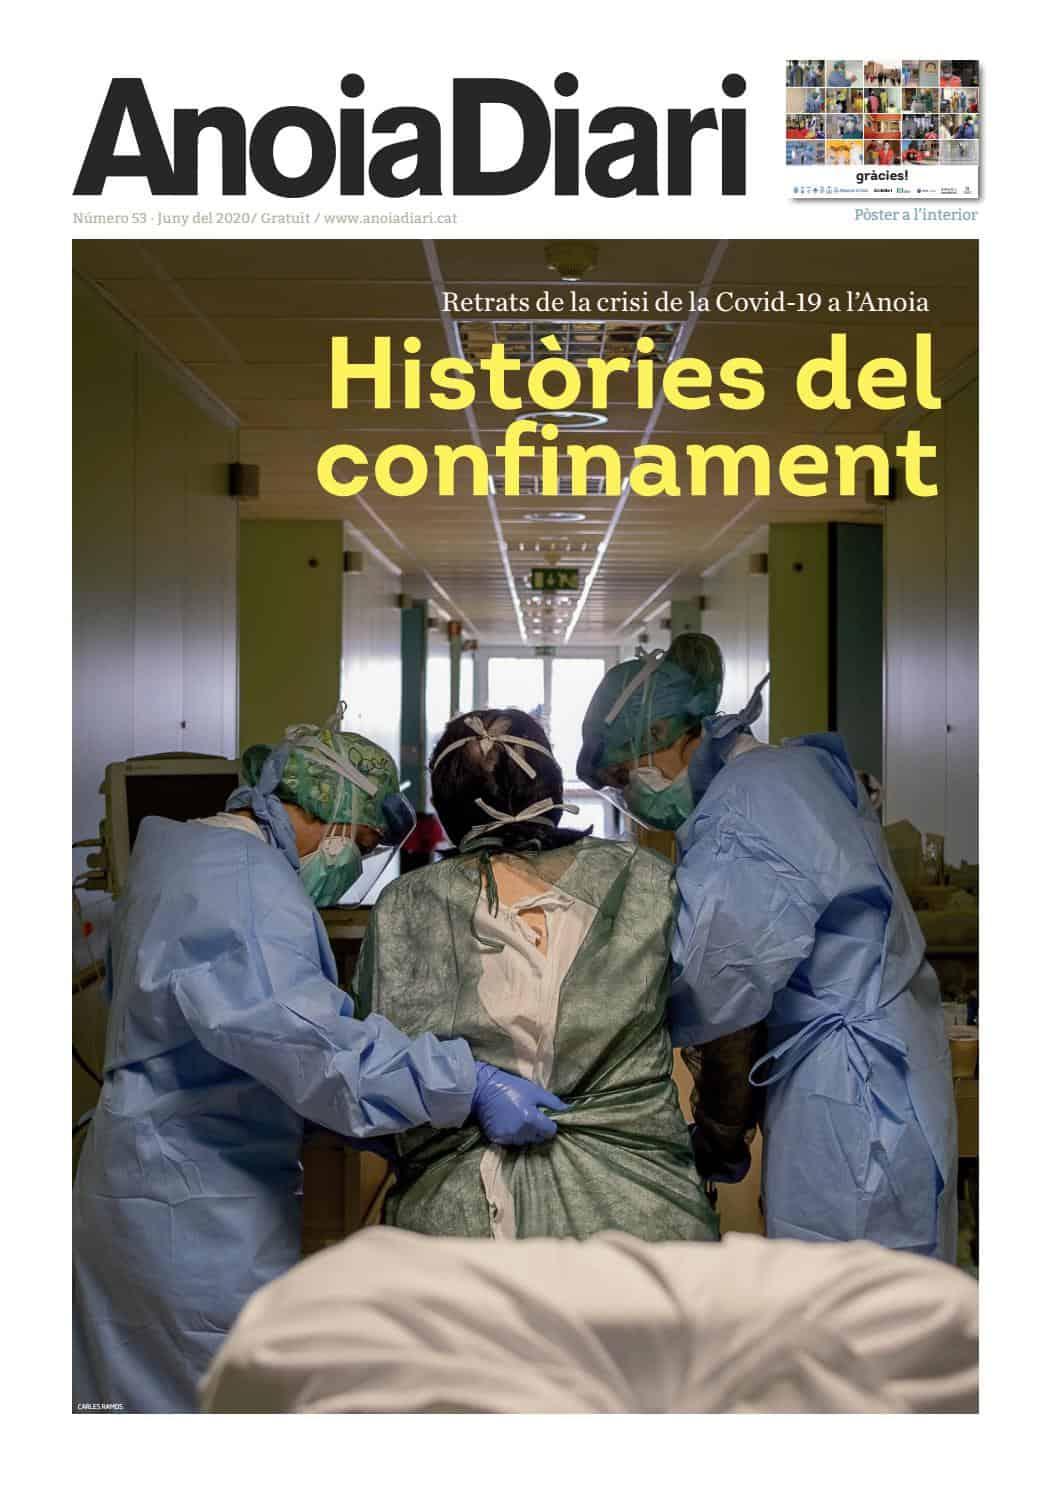 200601 - Anoiadiari - Portada paper - Histories del confinament